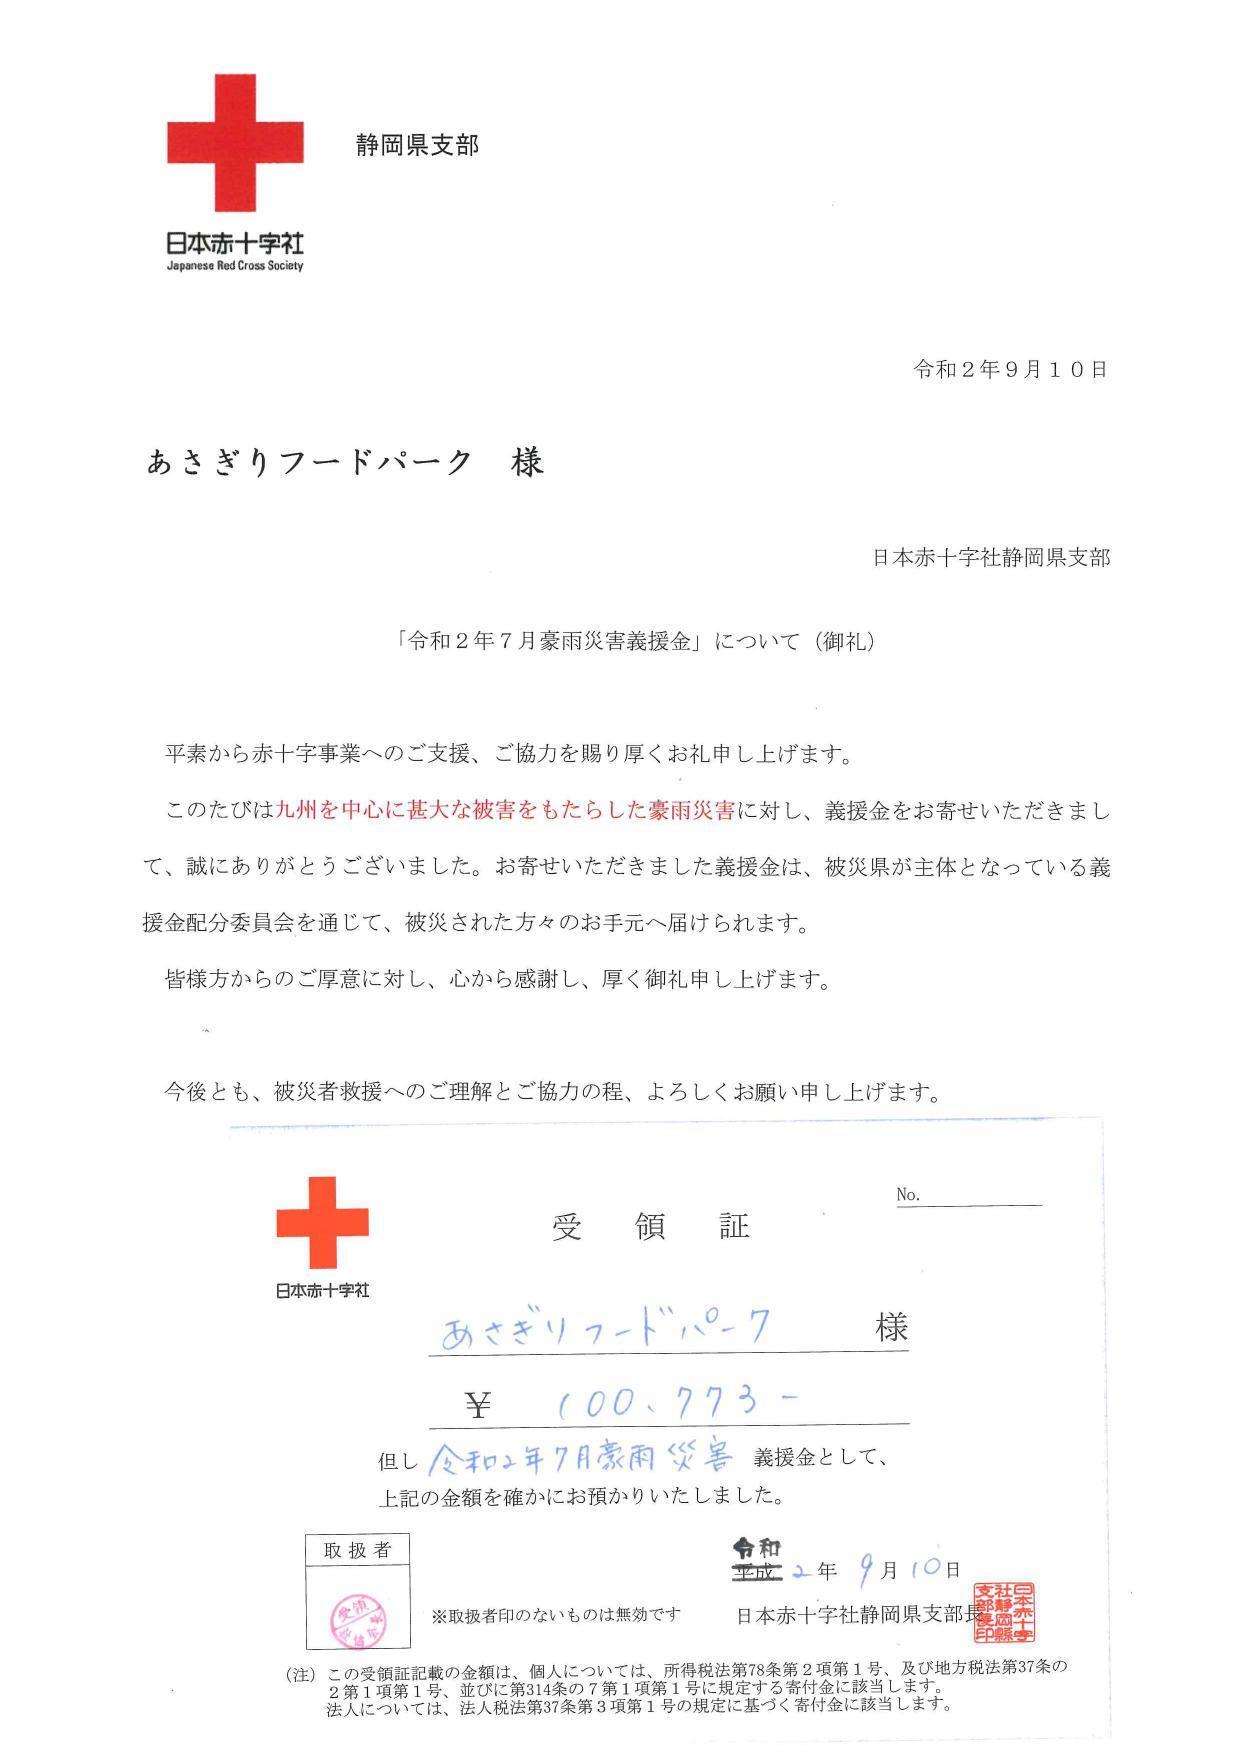 くまモン領収書_000001.jpg